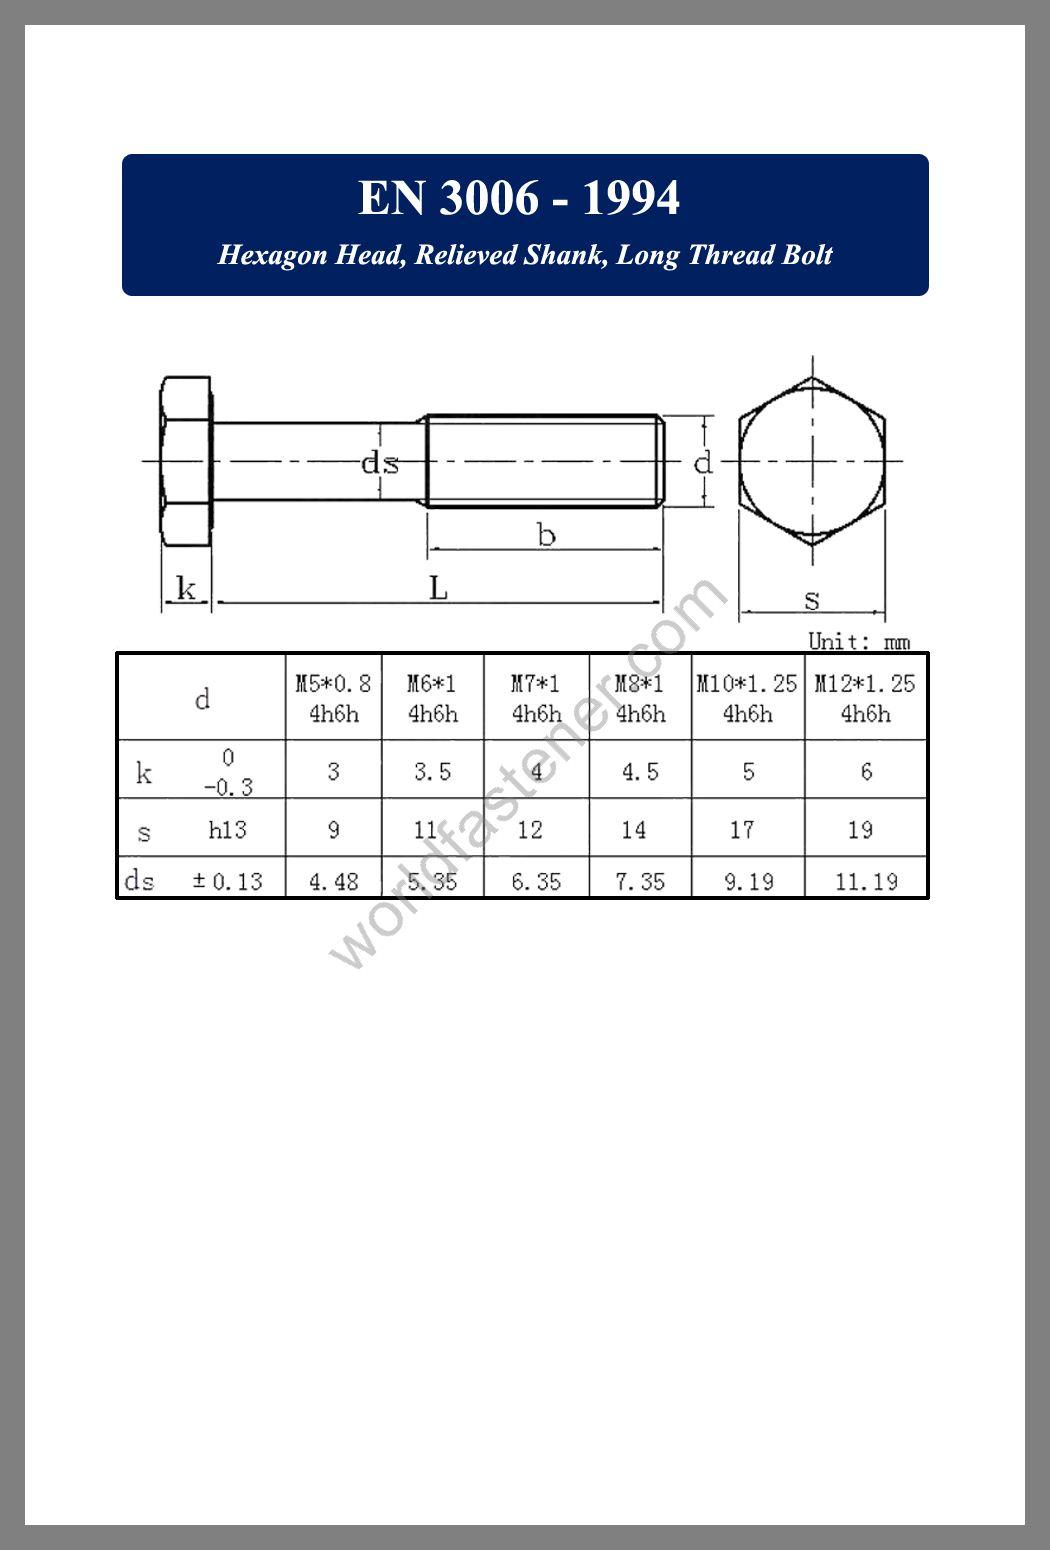 EN 3006, EN 3006 Hexagon Head Relieved Shank, fastener, screw, bolt, EN bolt, EN fastener